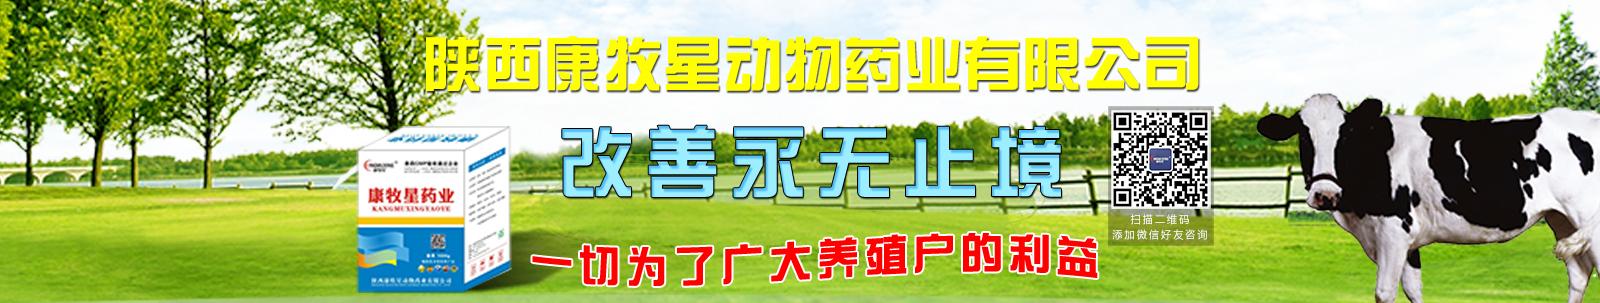 陕西康牧星动物药业有限公司